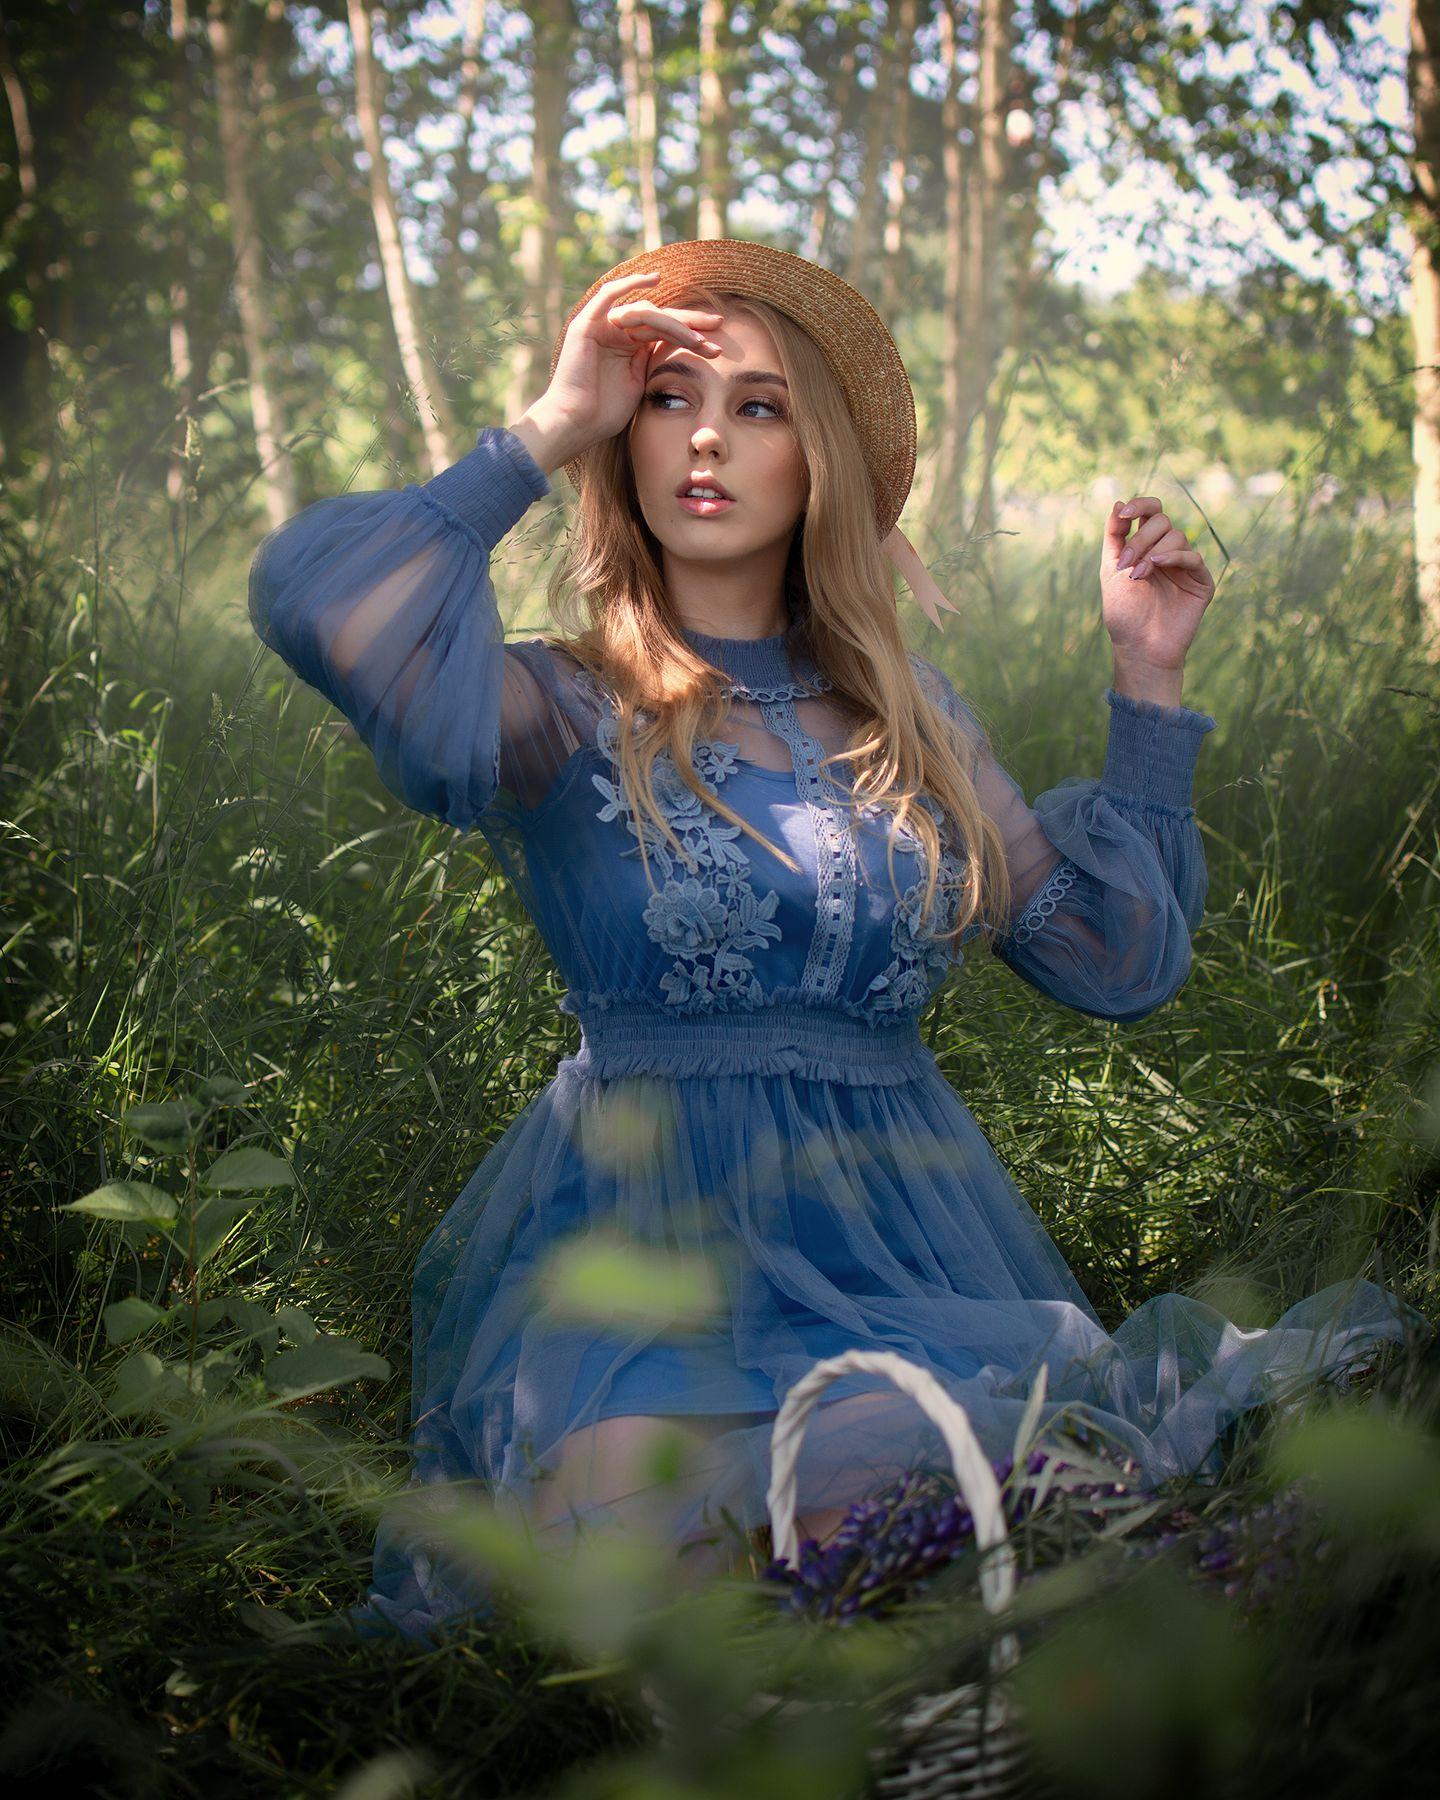 Нежность Девушка лес берёзы шляпа корзинка люпины